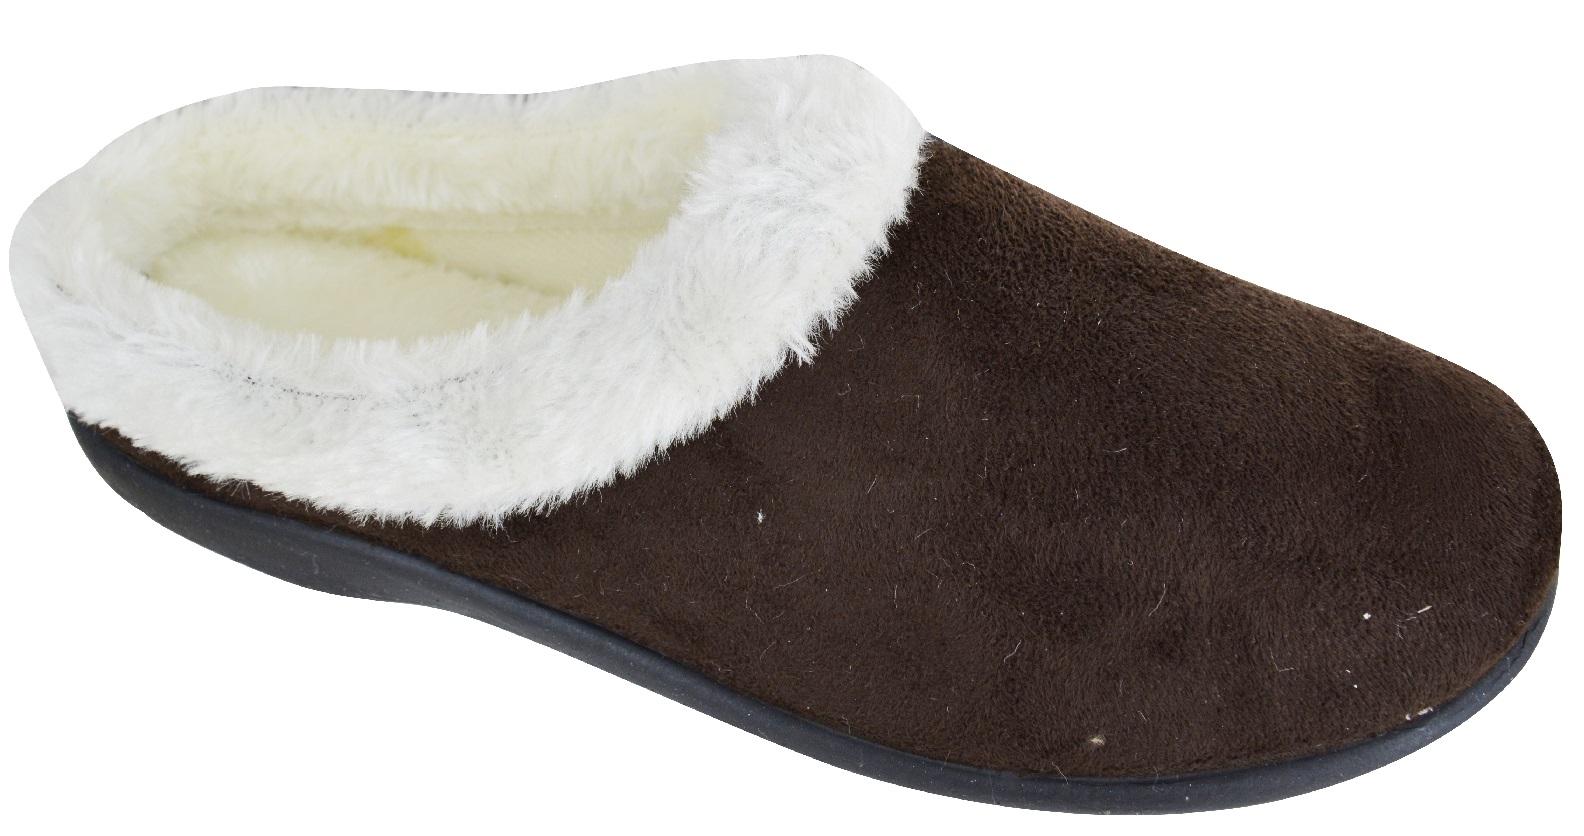 Senoras-para-mujer-Slip-On-mulas-Inddor-Acolchado-Caliente-De-Invierno-Zapatillas-Zapatos-Talla-3-8 miniatura 2